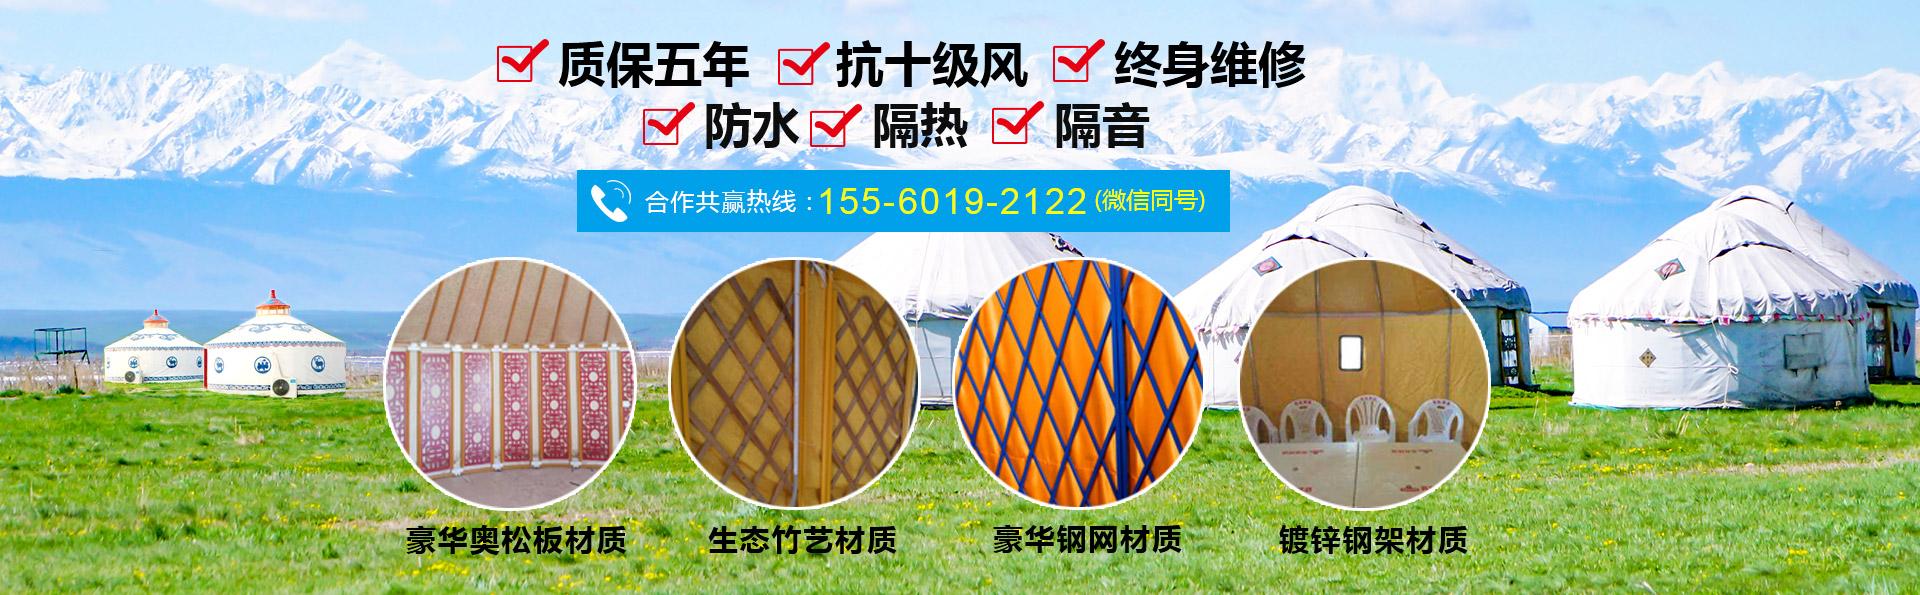 蒙古包厂家,蒙古包帐篷,蒙古包设计,蒙古包装修